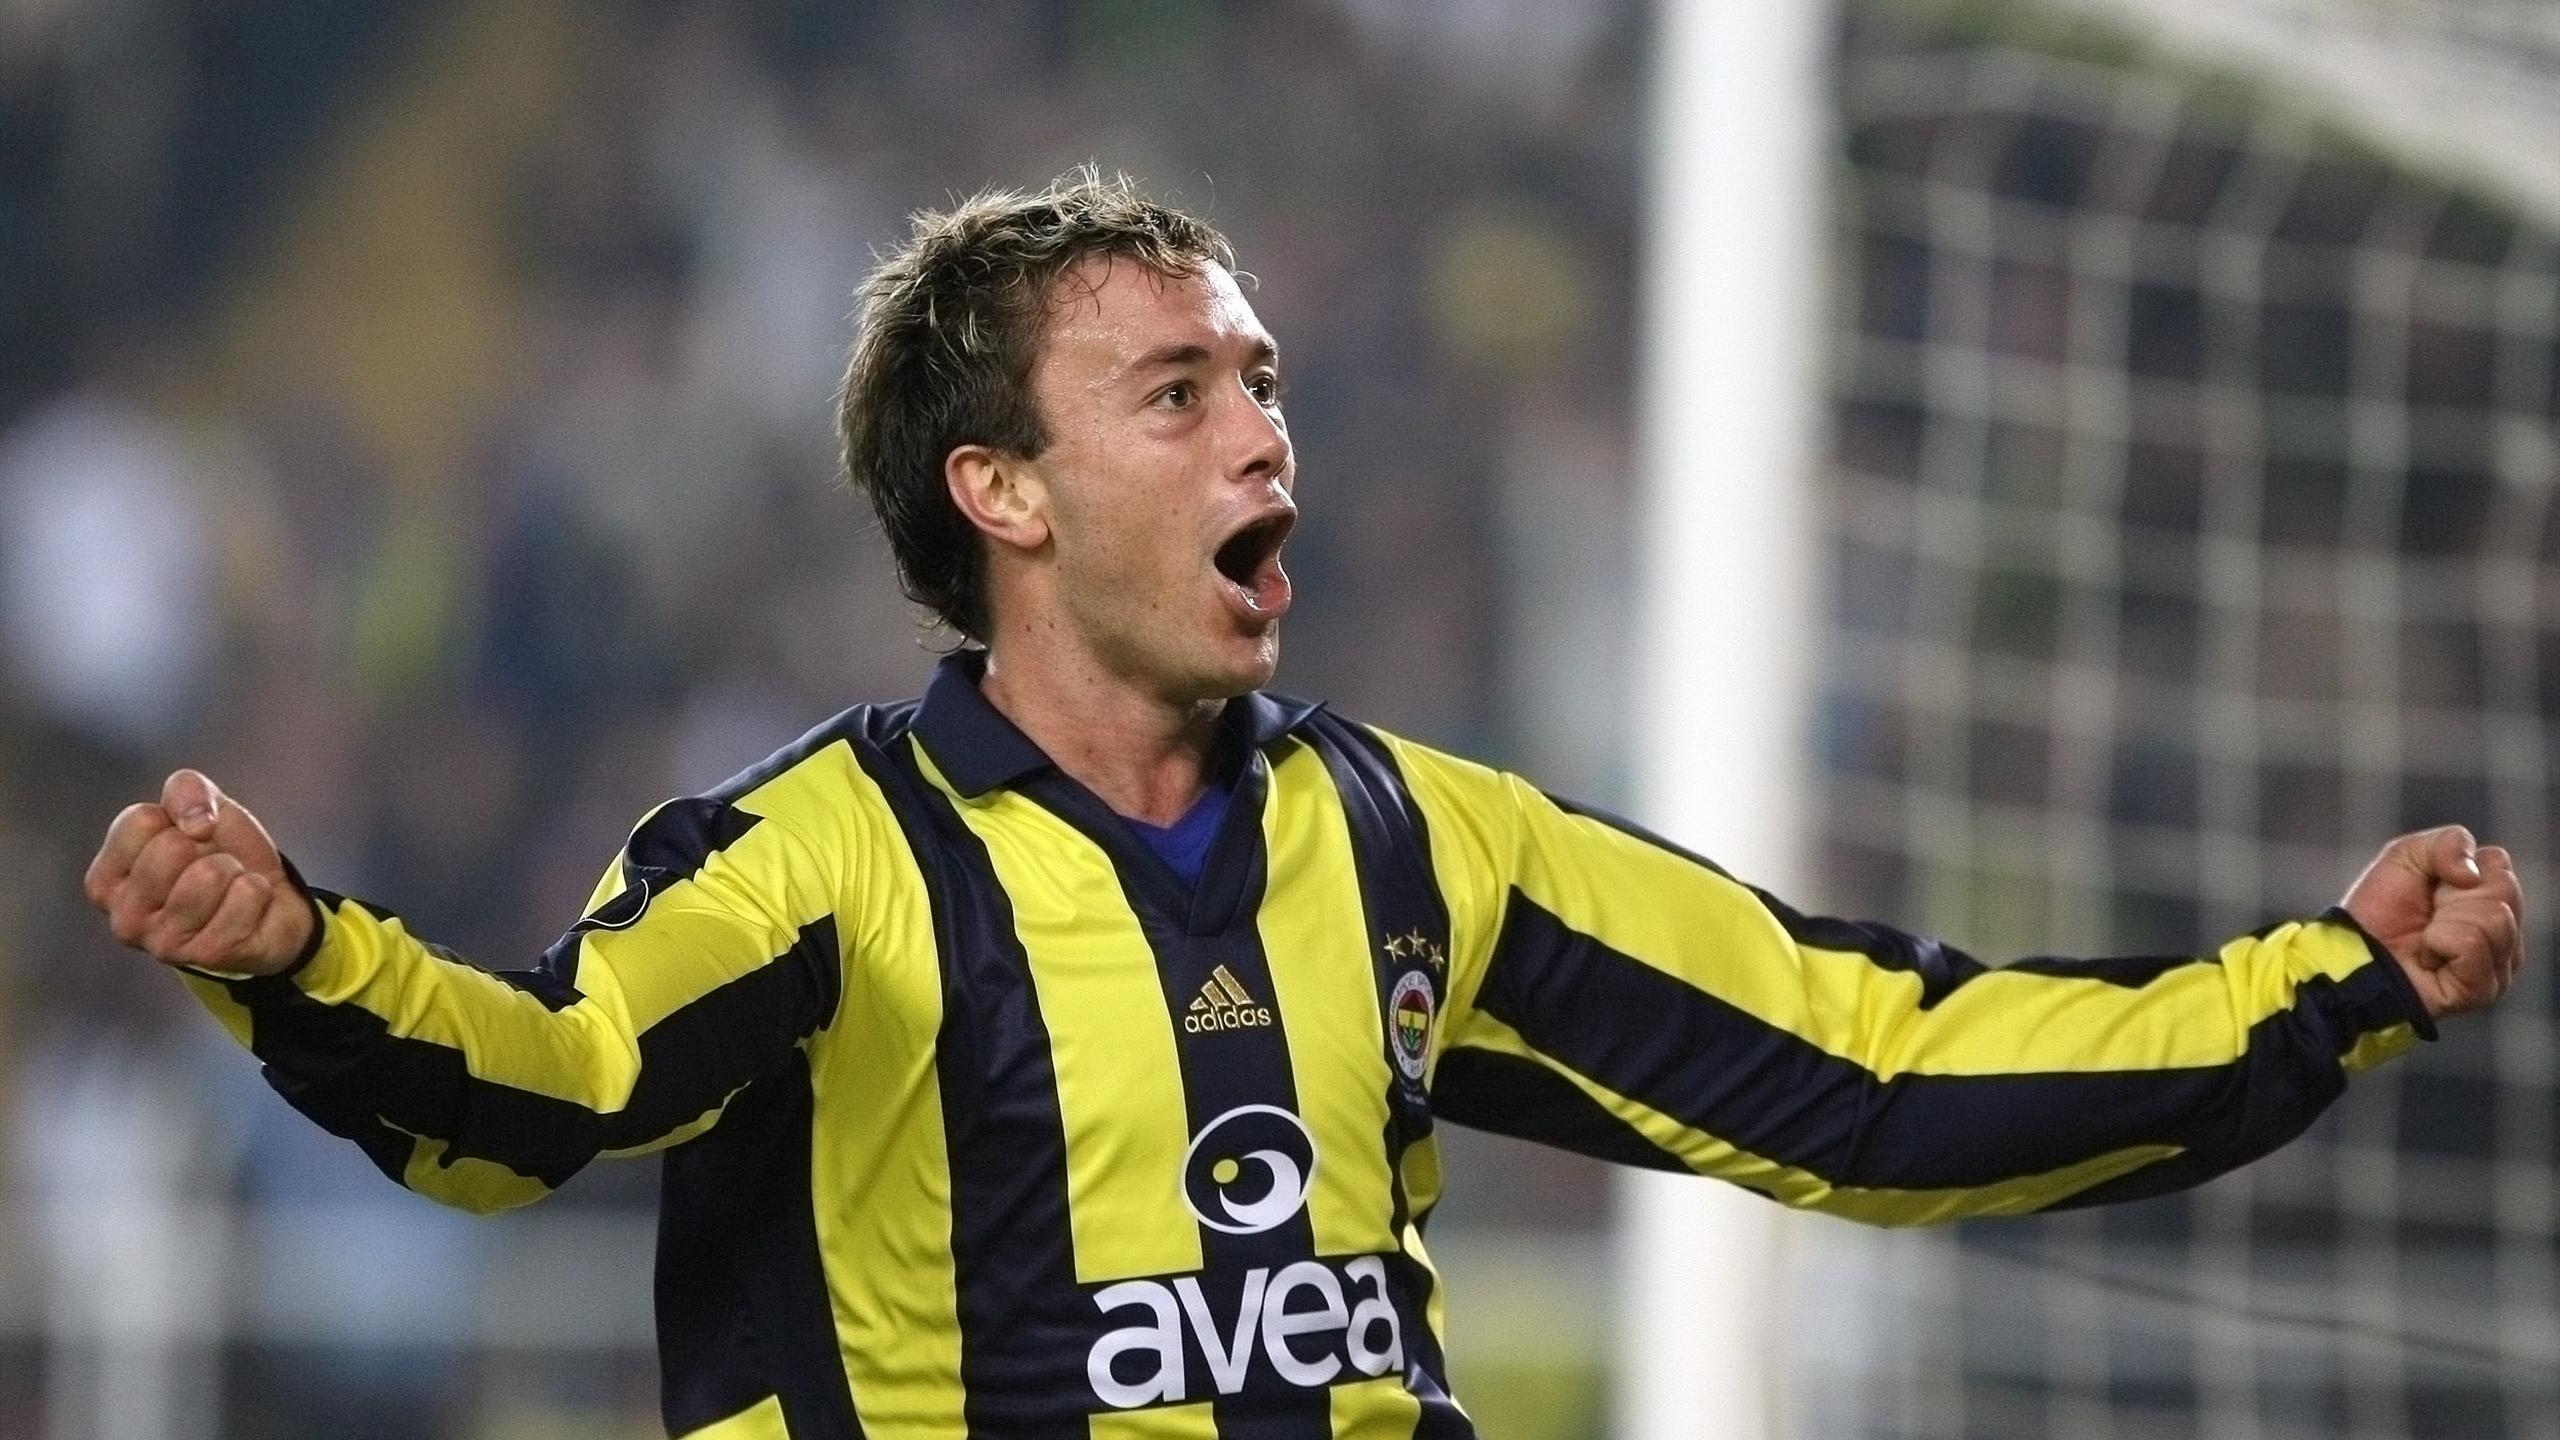 Fenerbahçe'in Kadıköy'de Galatasaray'a Yenilmediği 19 lig maçı 12